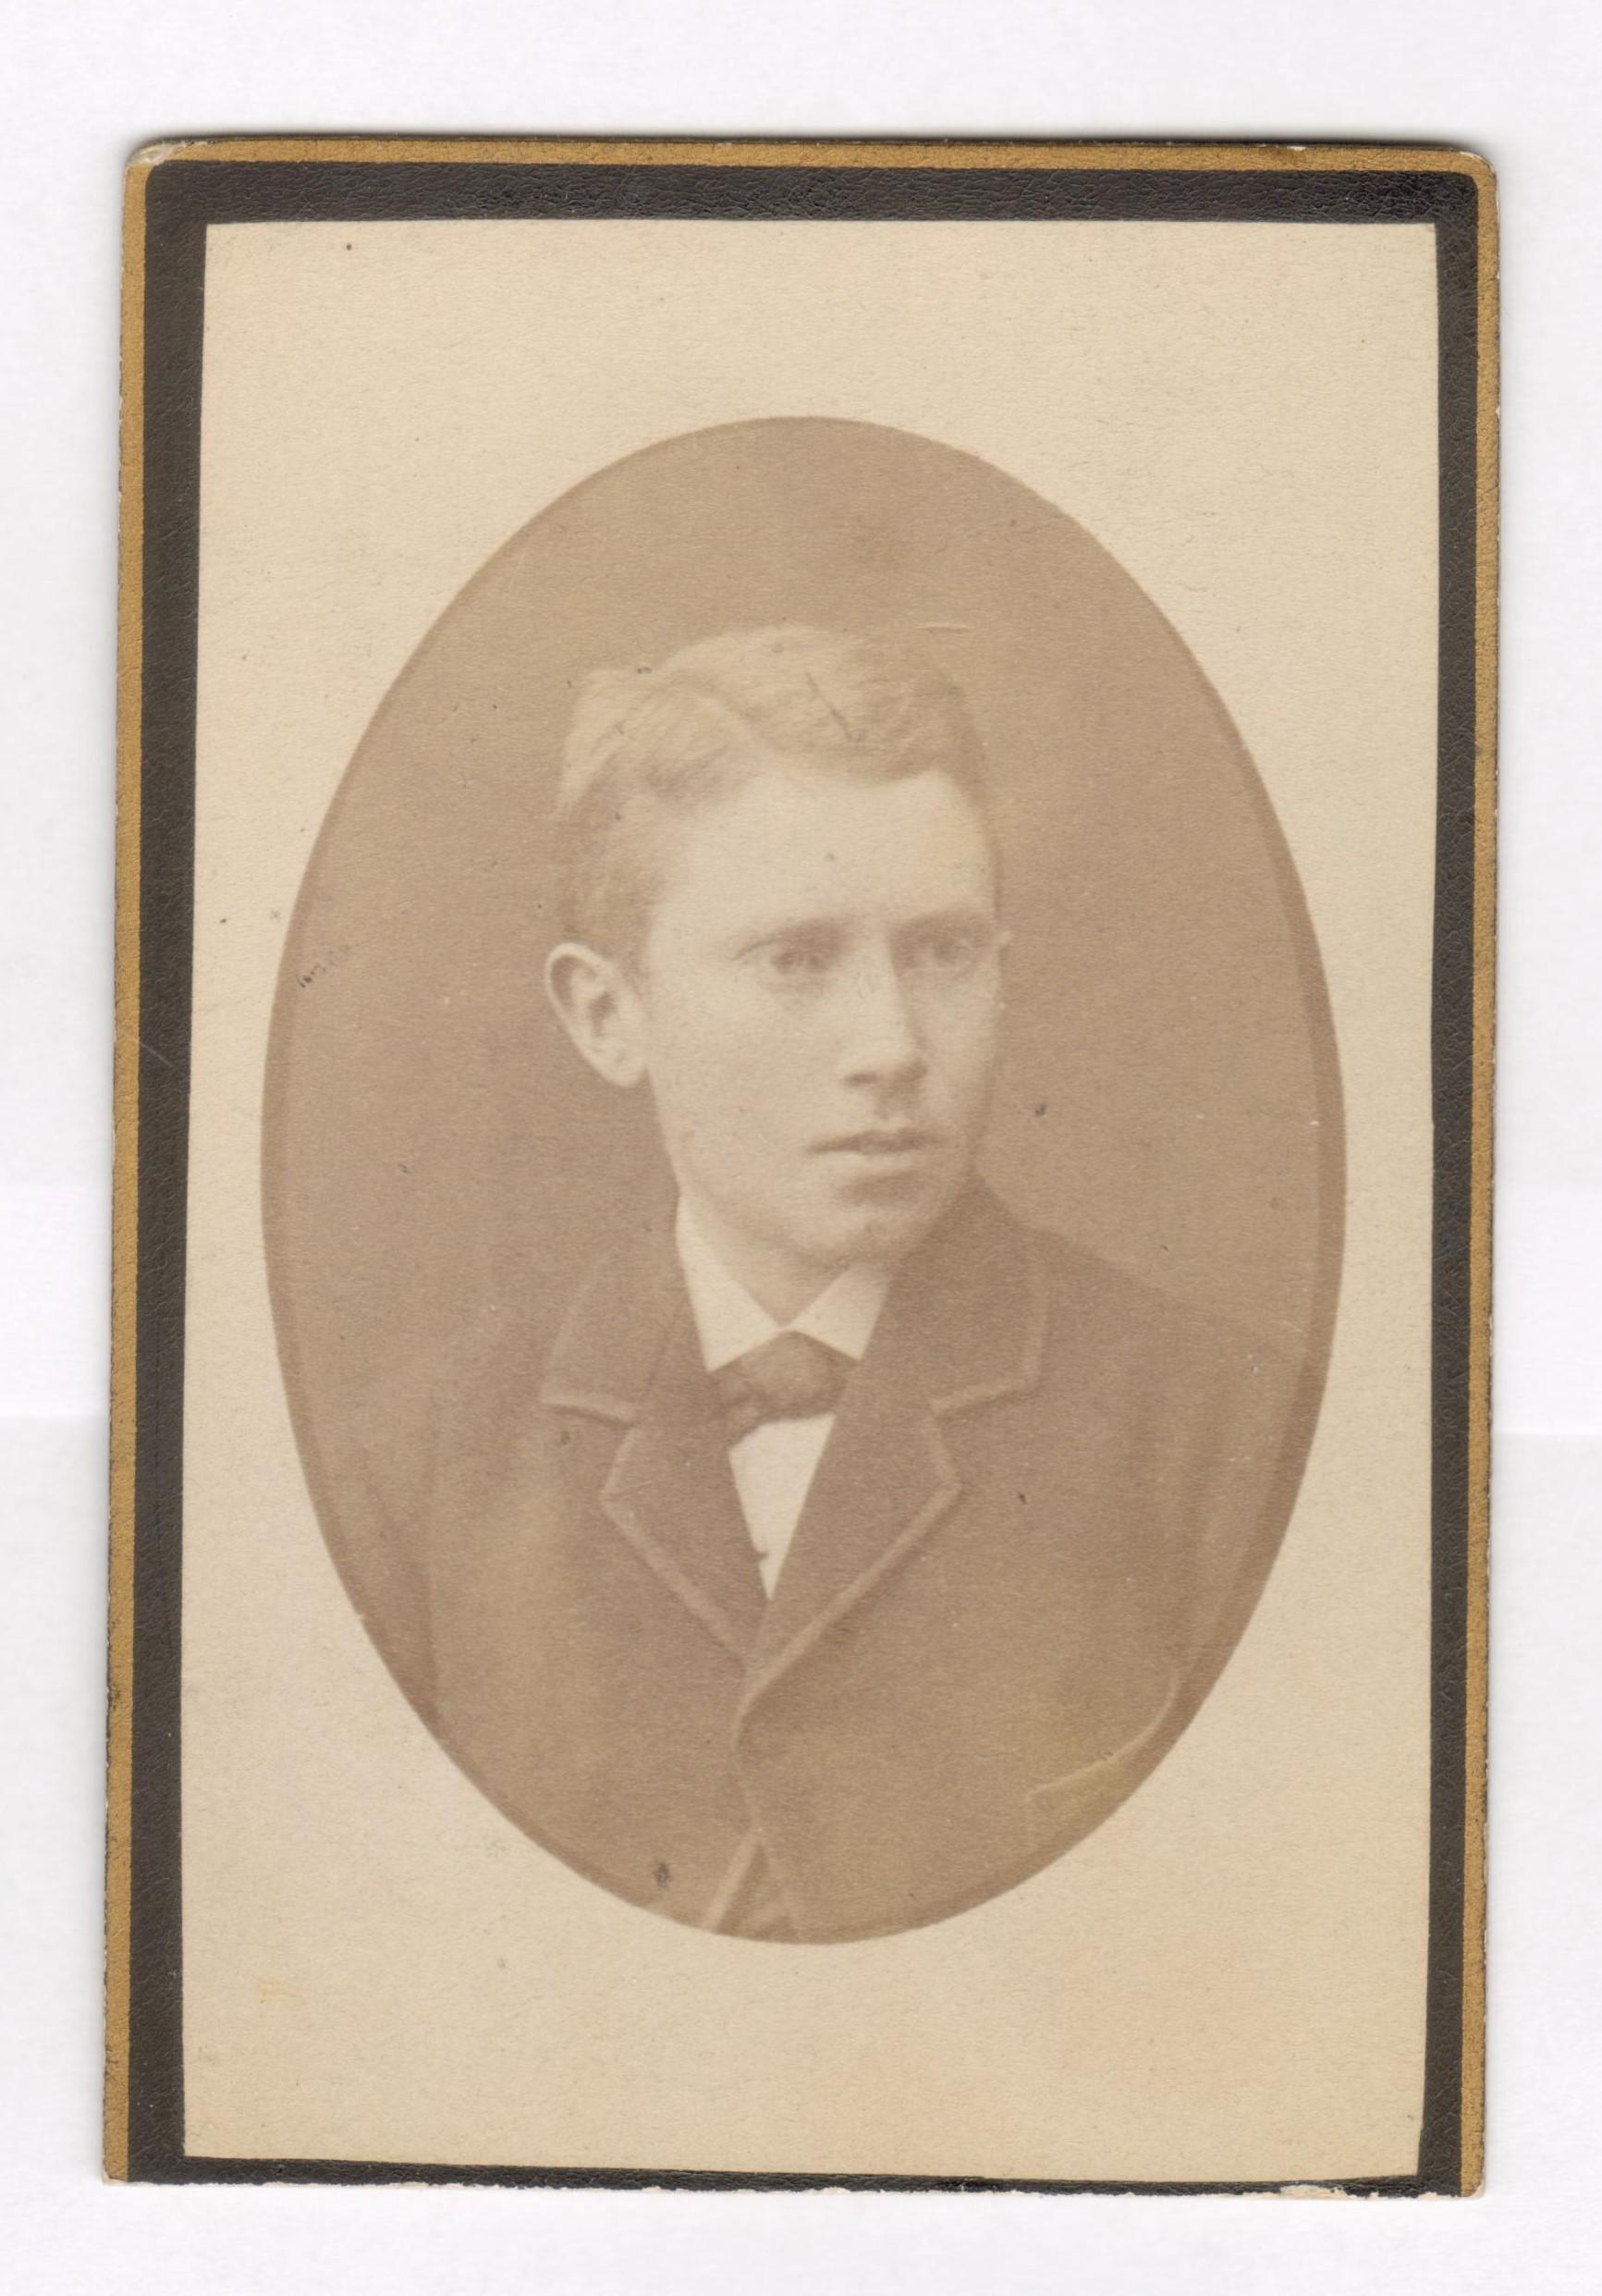 75.69  Oskar Sophus  Borch, f. 13.2 1866, bror til Olaf Georg Borch.  Fotograf P. Fristrup, Kjøbmagergade 9, København